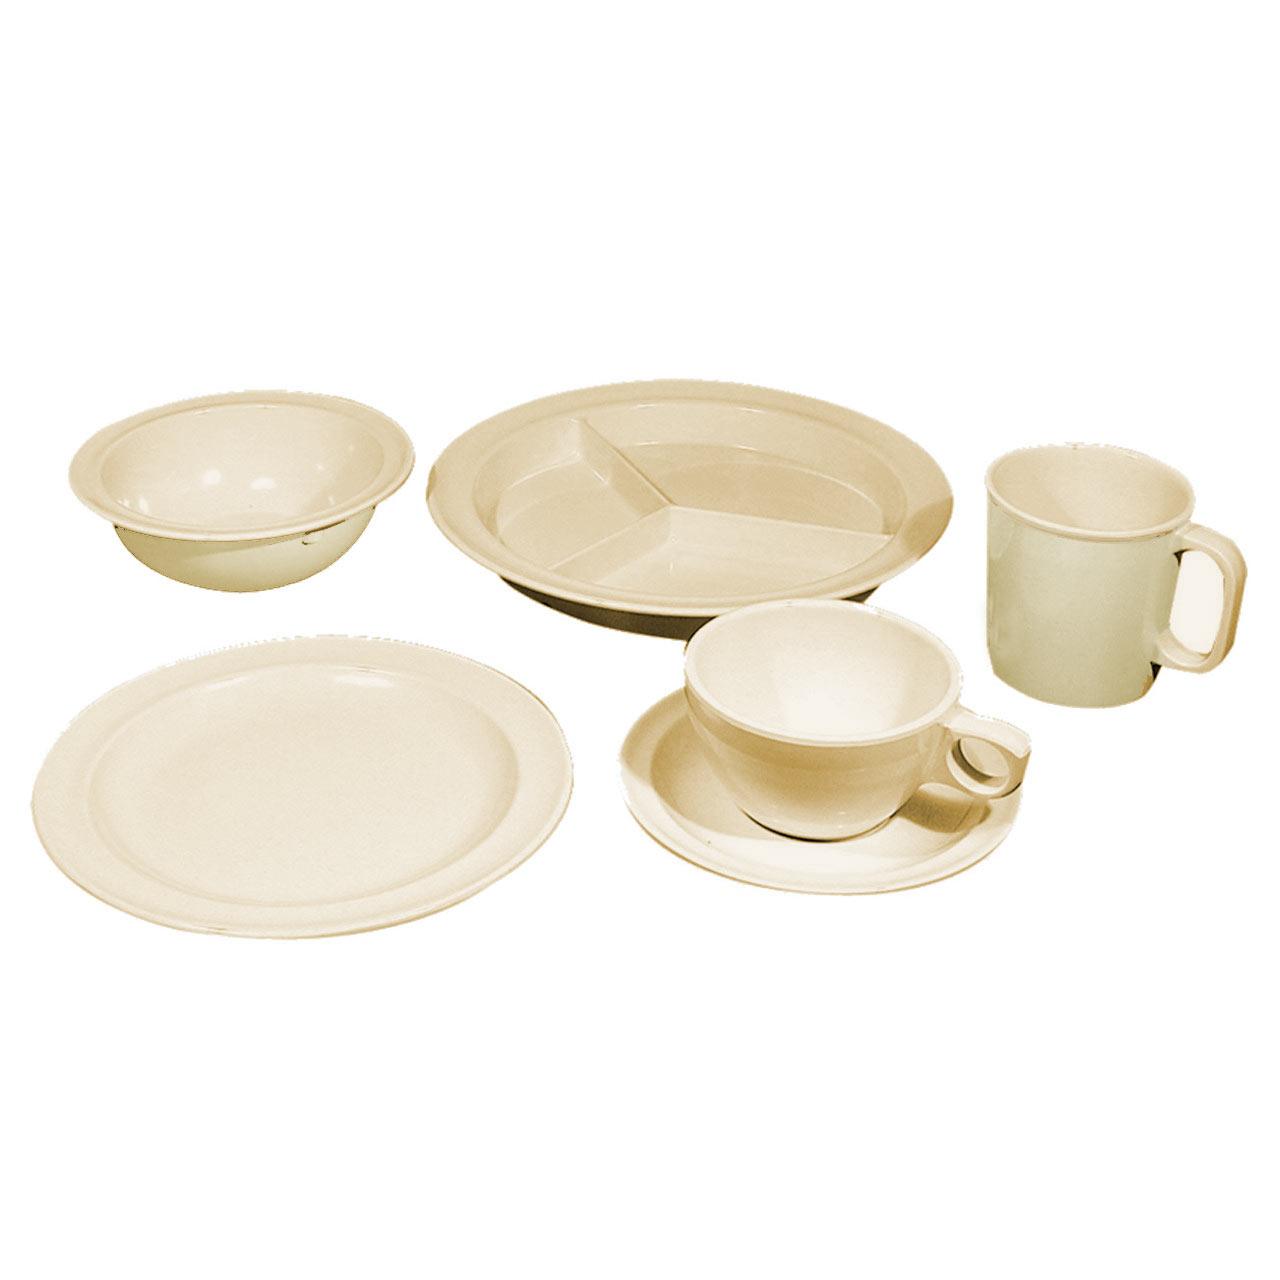 Melamine 6pc. Dinnerware Kit